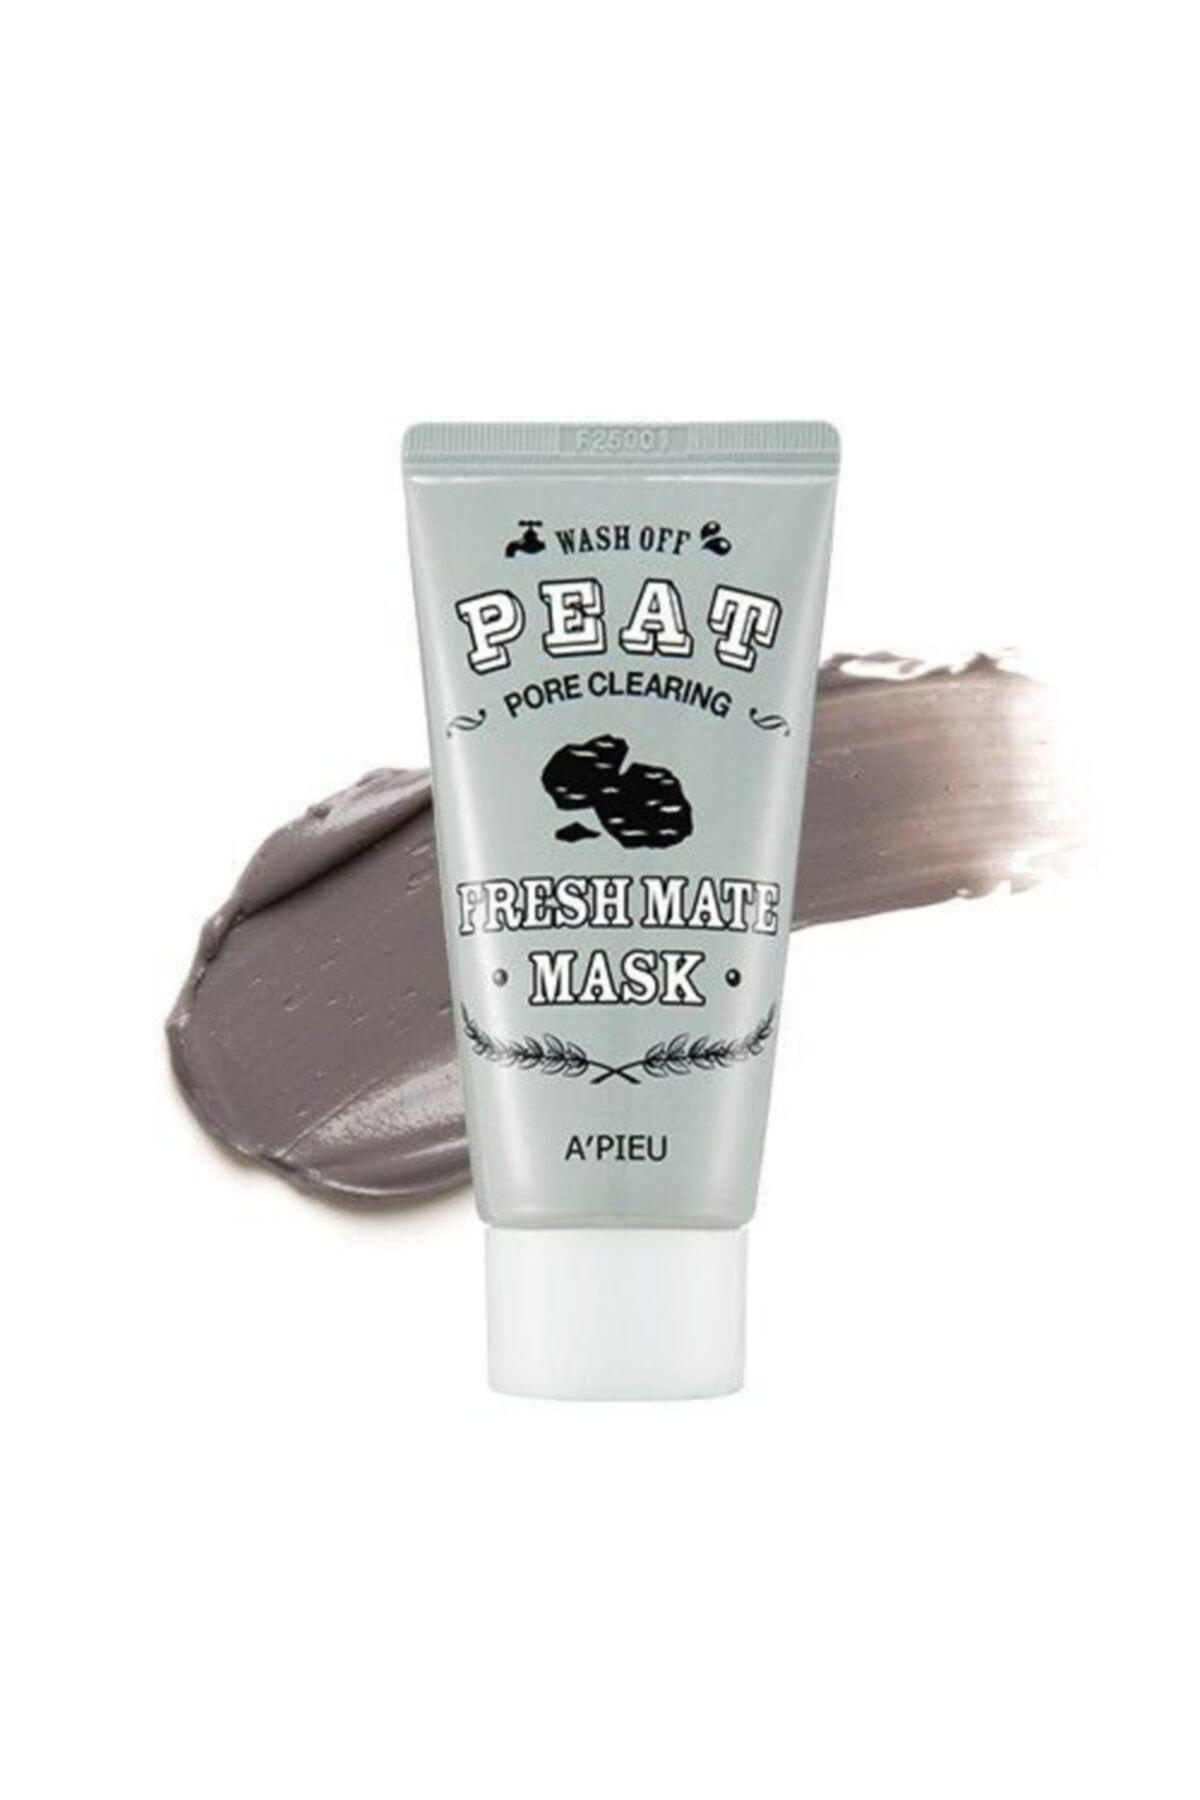 Missha Kil ve Kömür İçeren Gözenek Temizleyici Maske - Fresh Mate Mask Pore Clearing 50ml 8806185733359 1